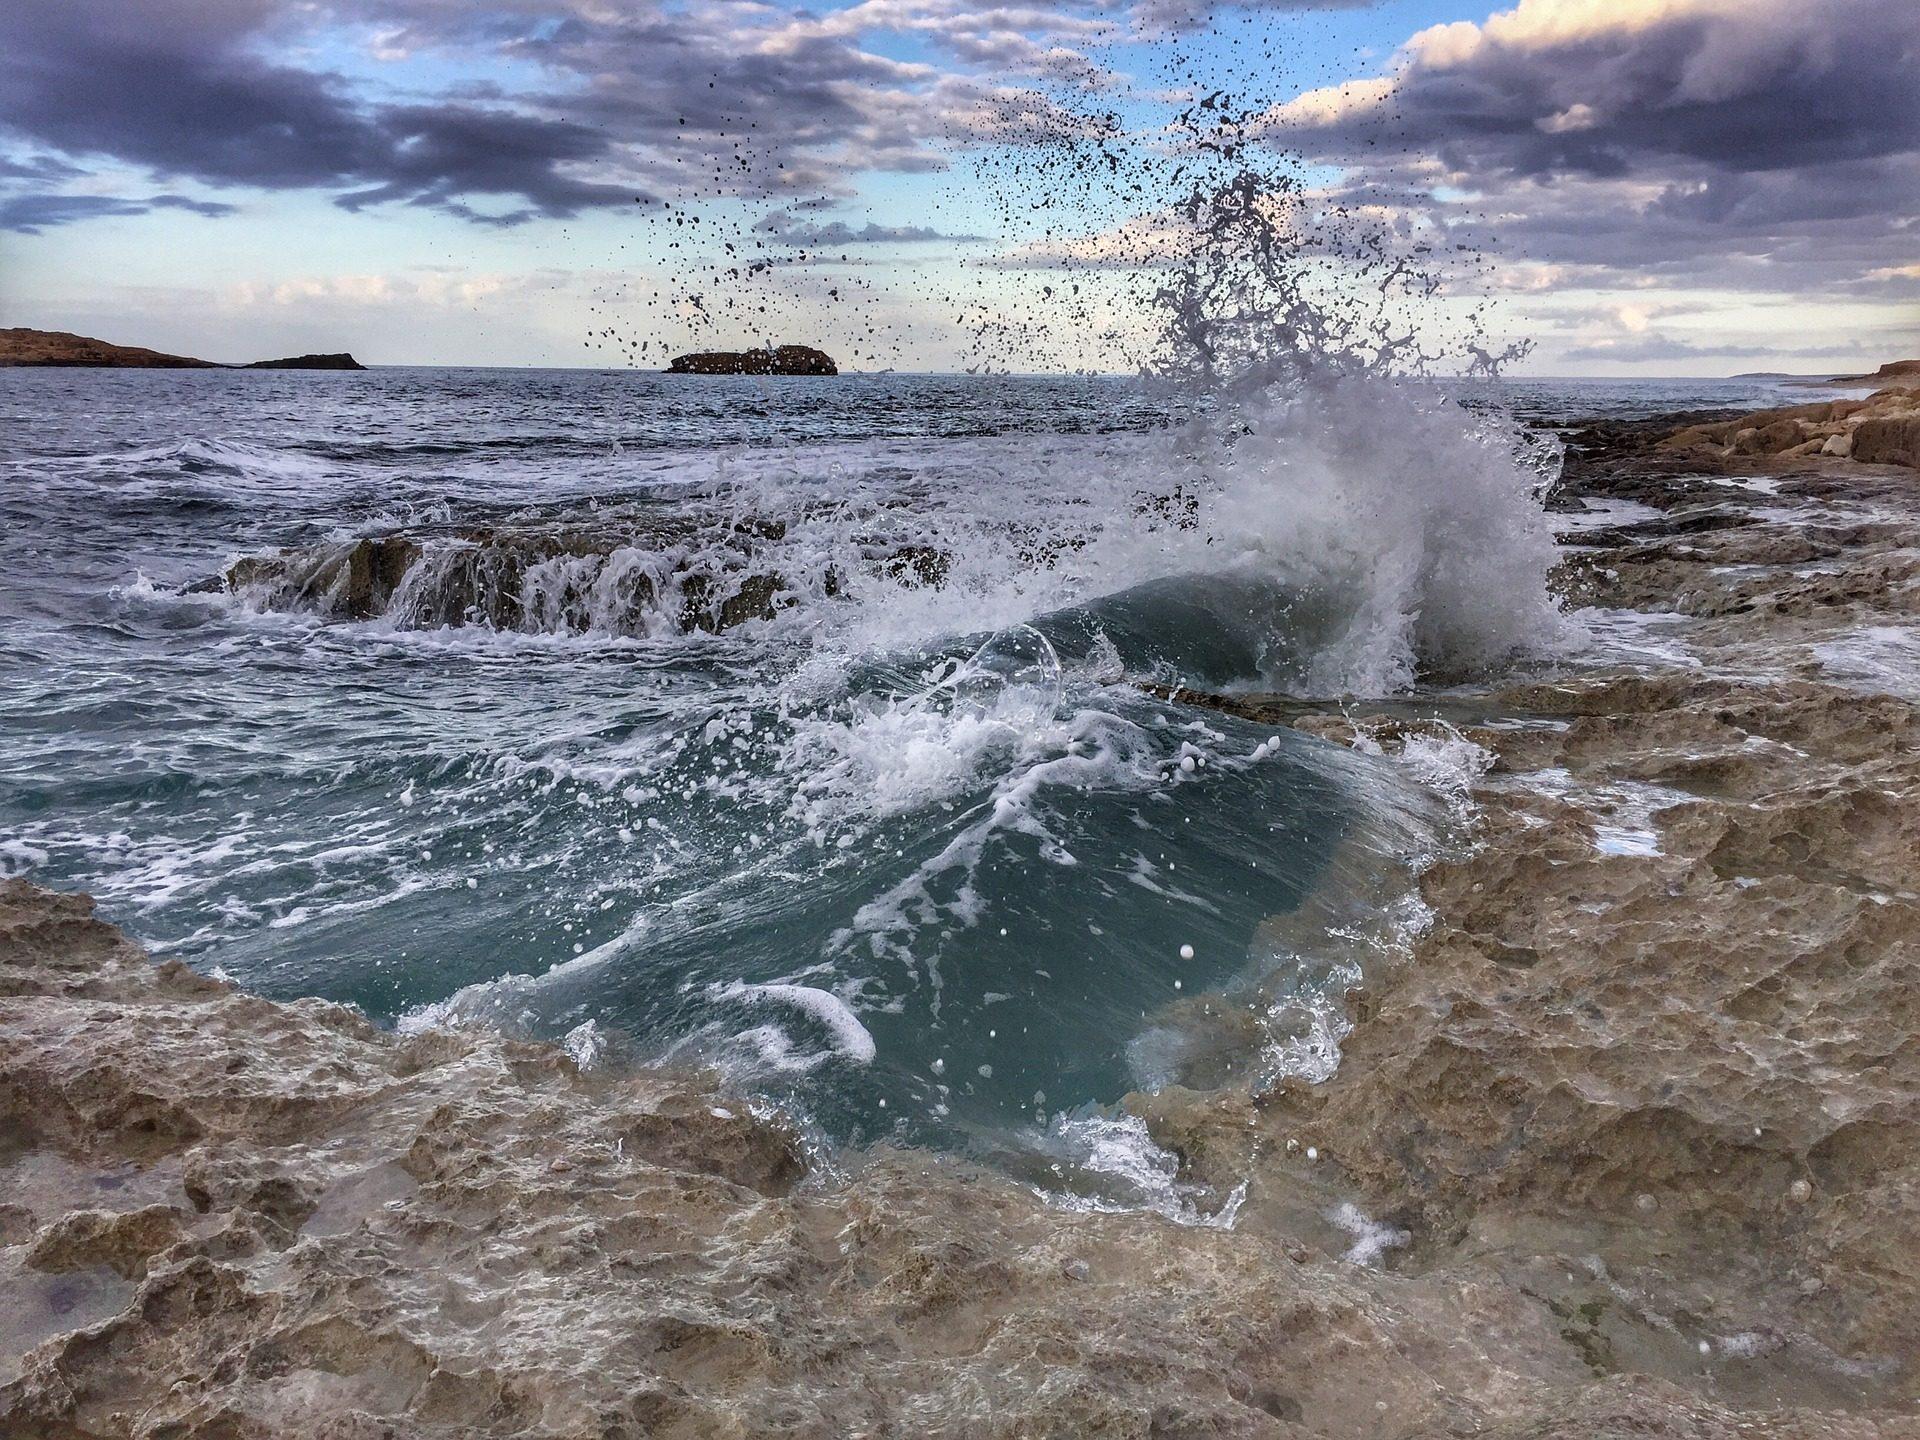 Море, Пляж, olas, волны, камни, Кирена, Ливия - Обои HD - Профессор falken.com